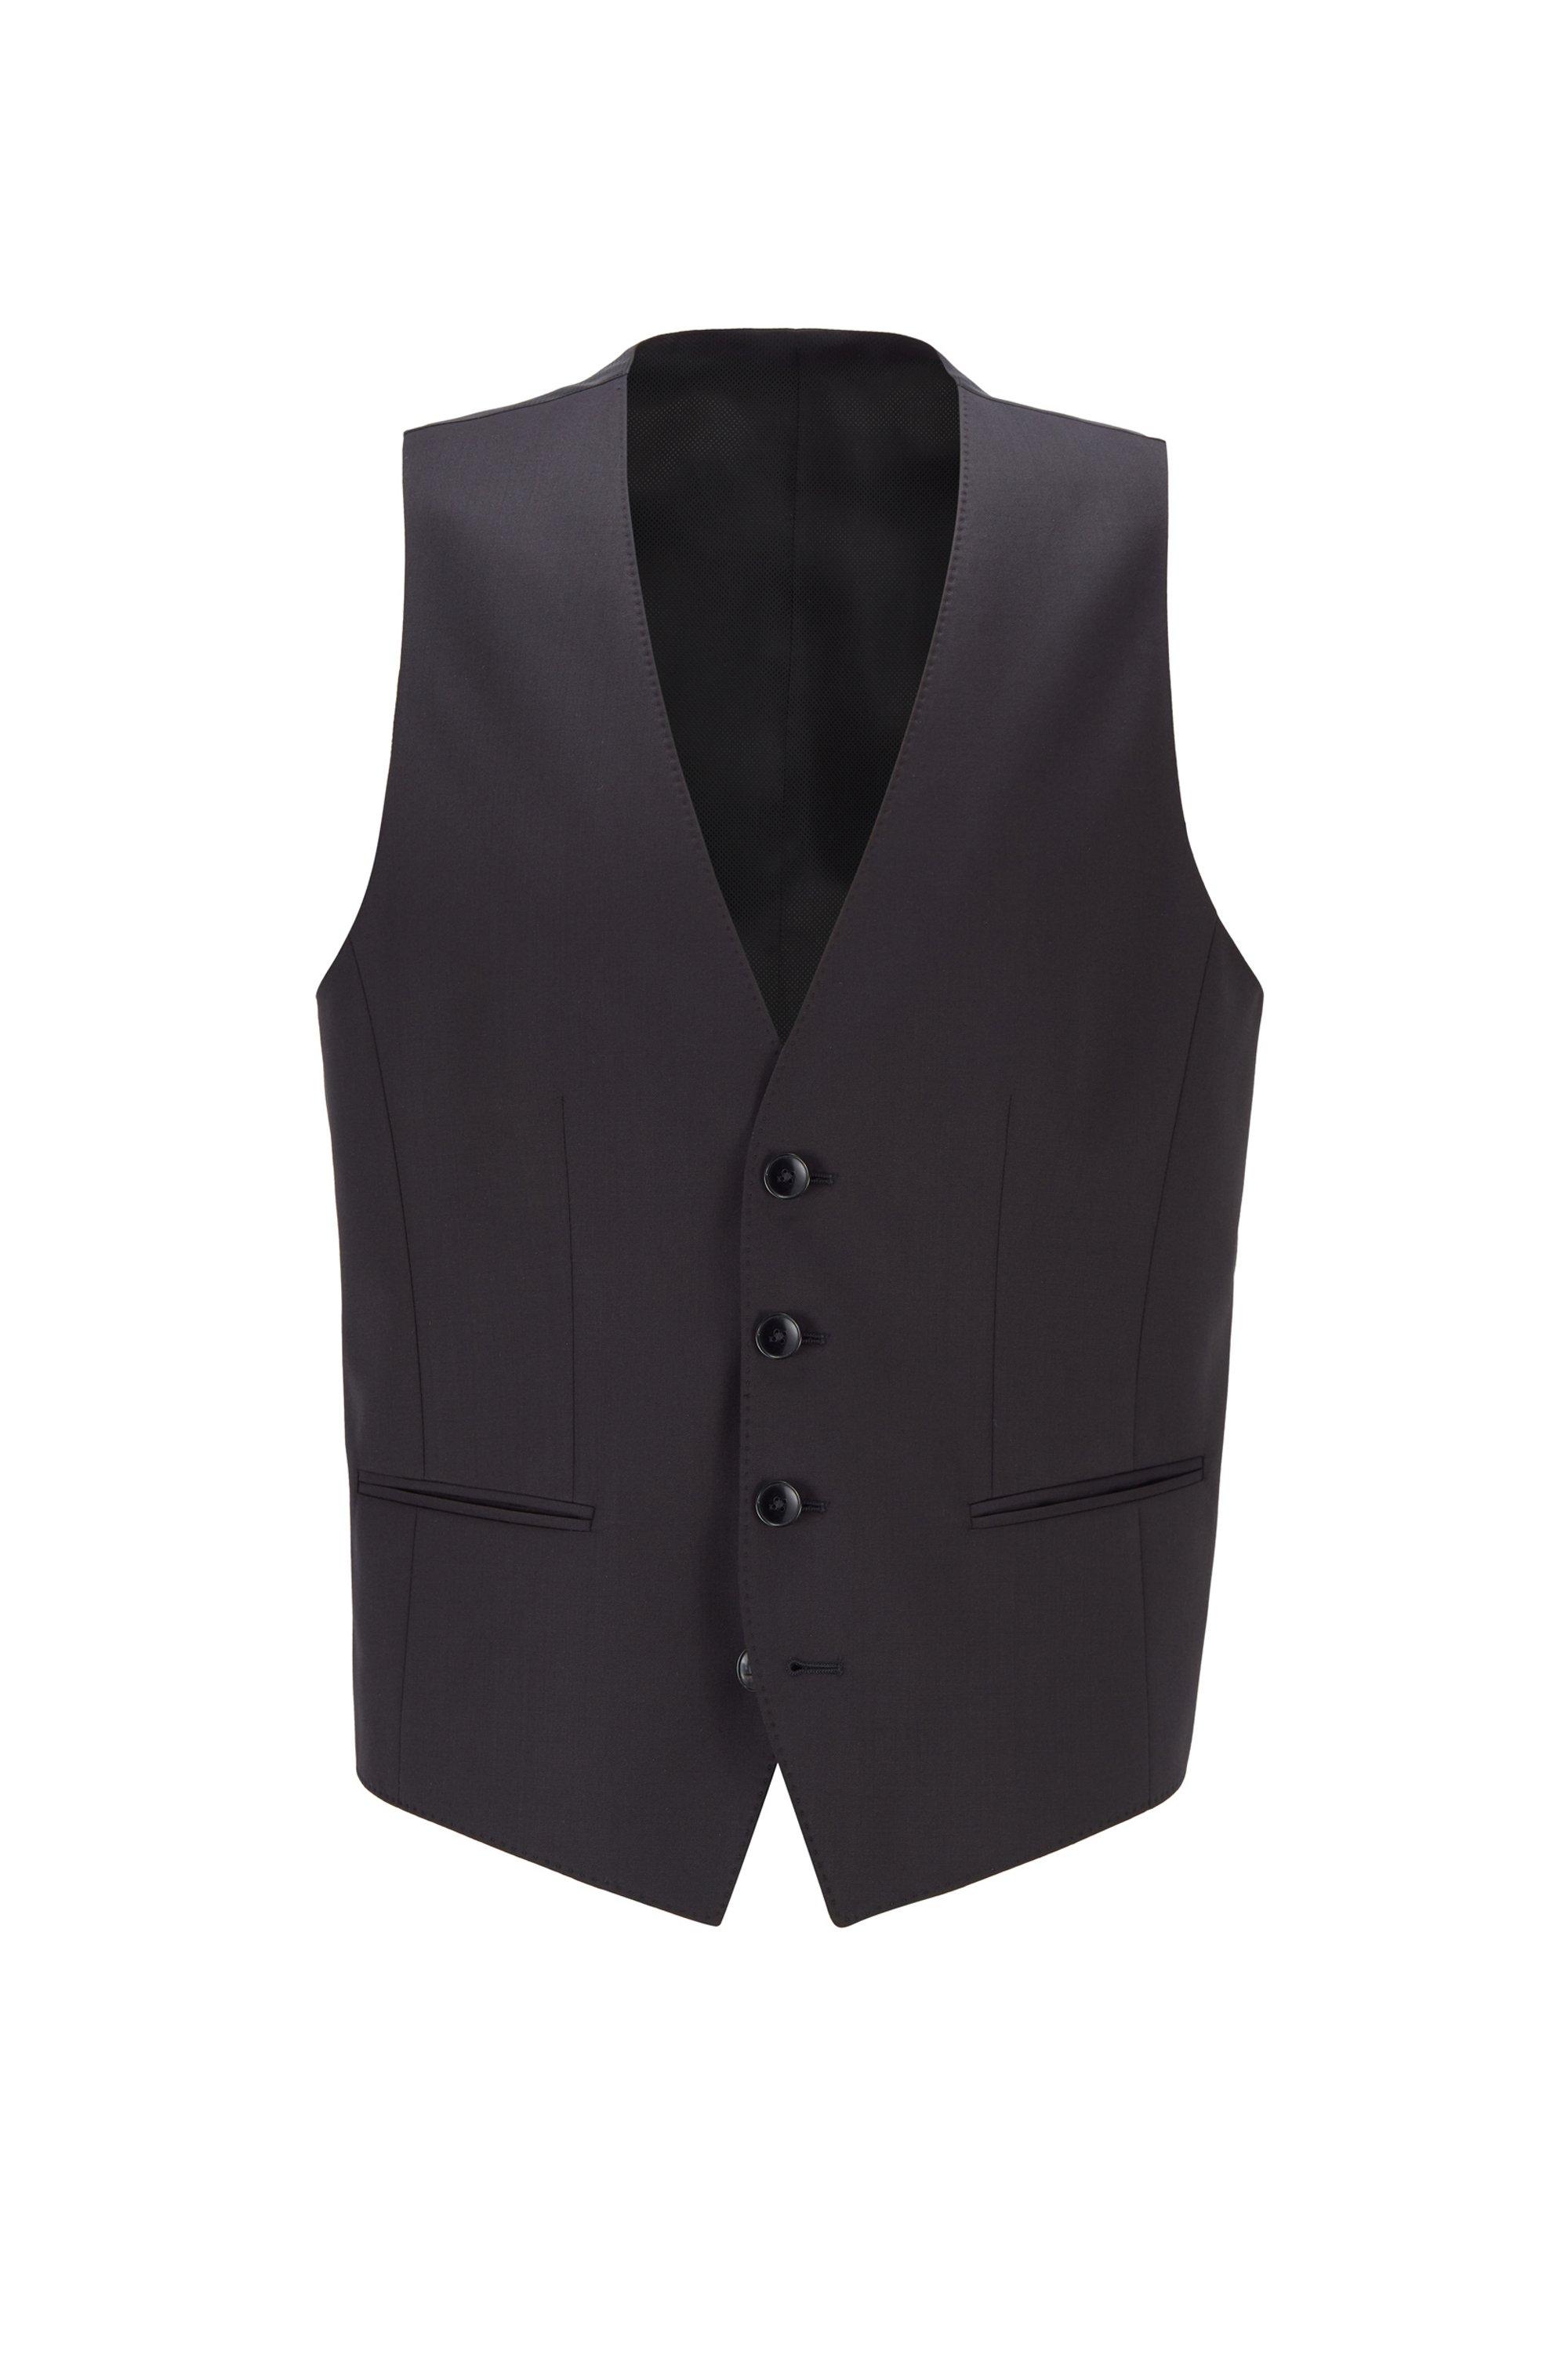 Slim-fit waistcoat in virgin wool, Black